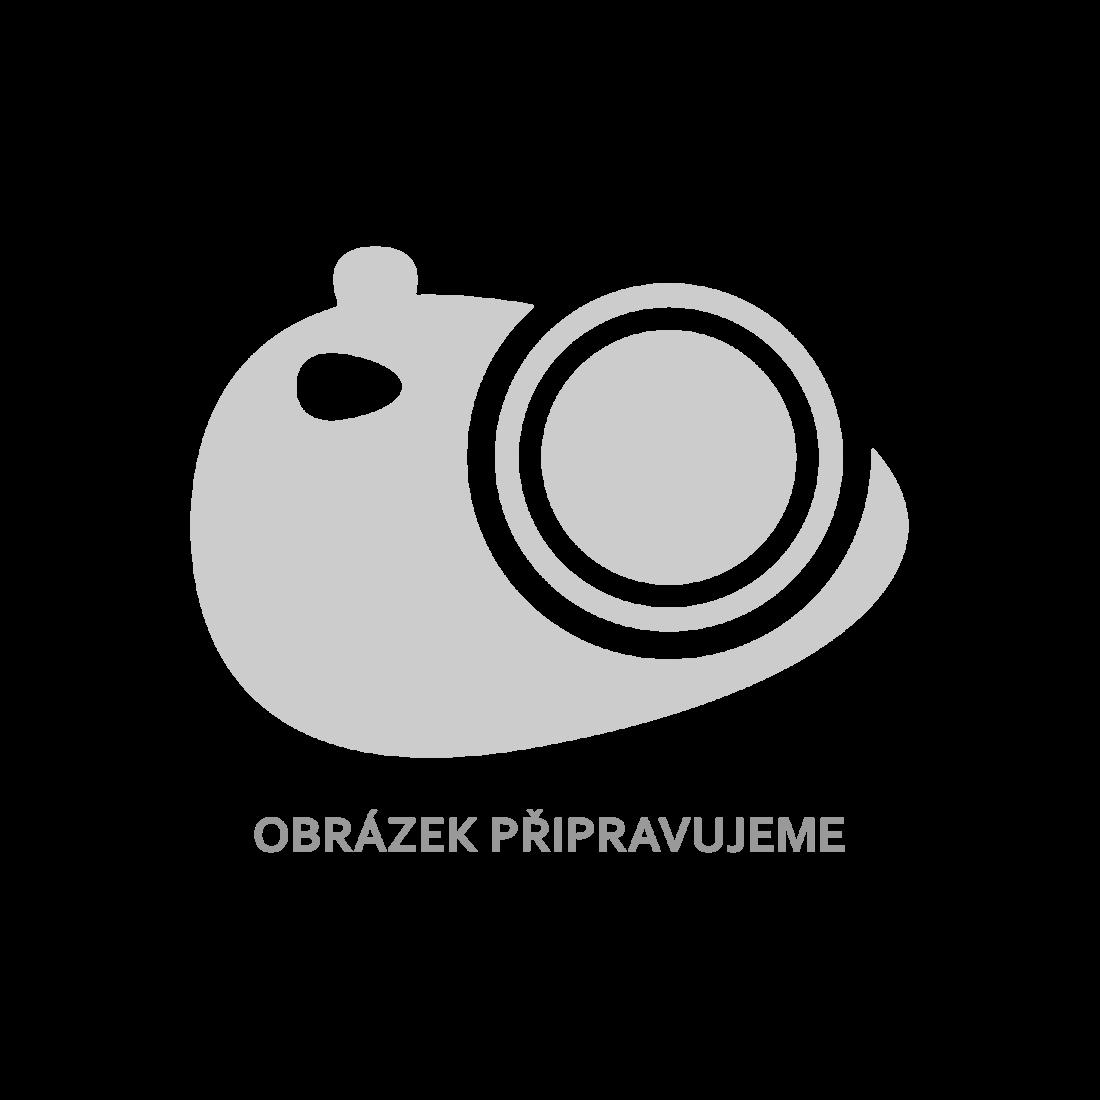 vidaXL Konferenční stolek šedý 80 x 80 x 50 cm dřevo [280062]